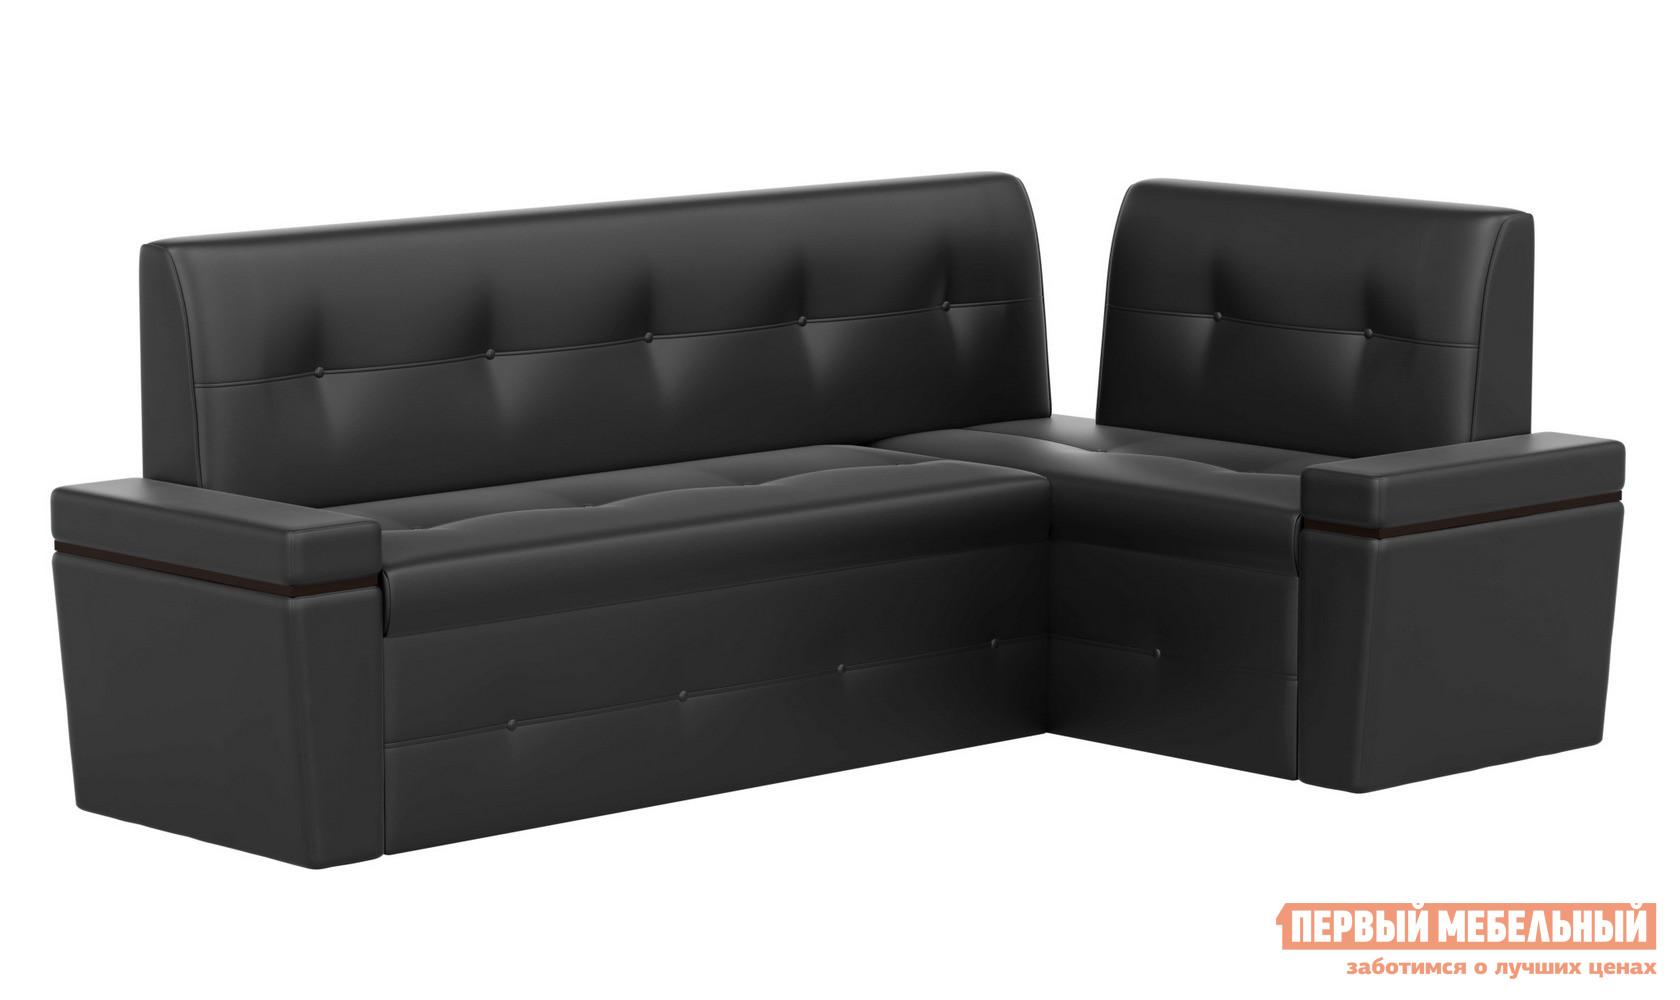 Фото Кухонный уголок Мебелико Кухонный угловой диван Деметра Экокожа черная, Правый. Купить с доставкой